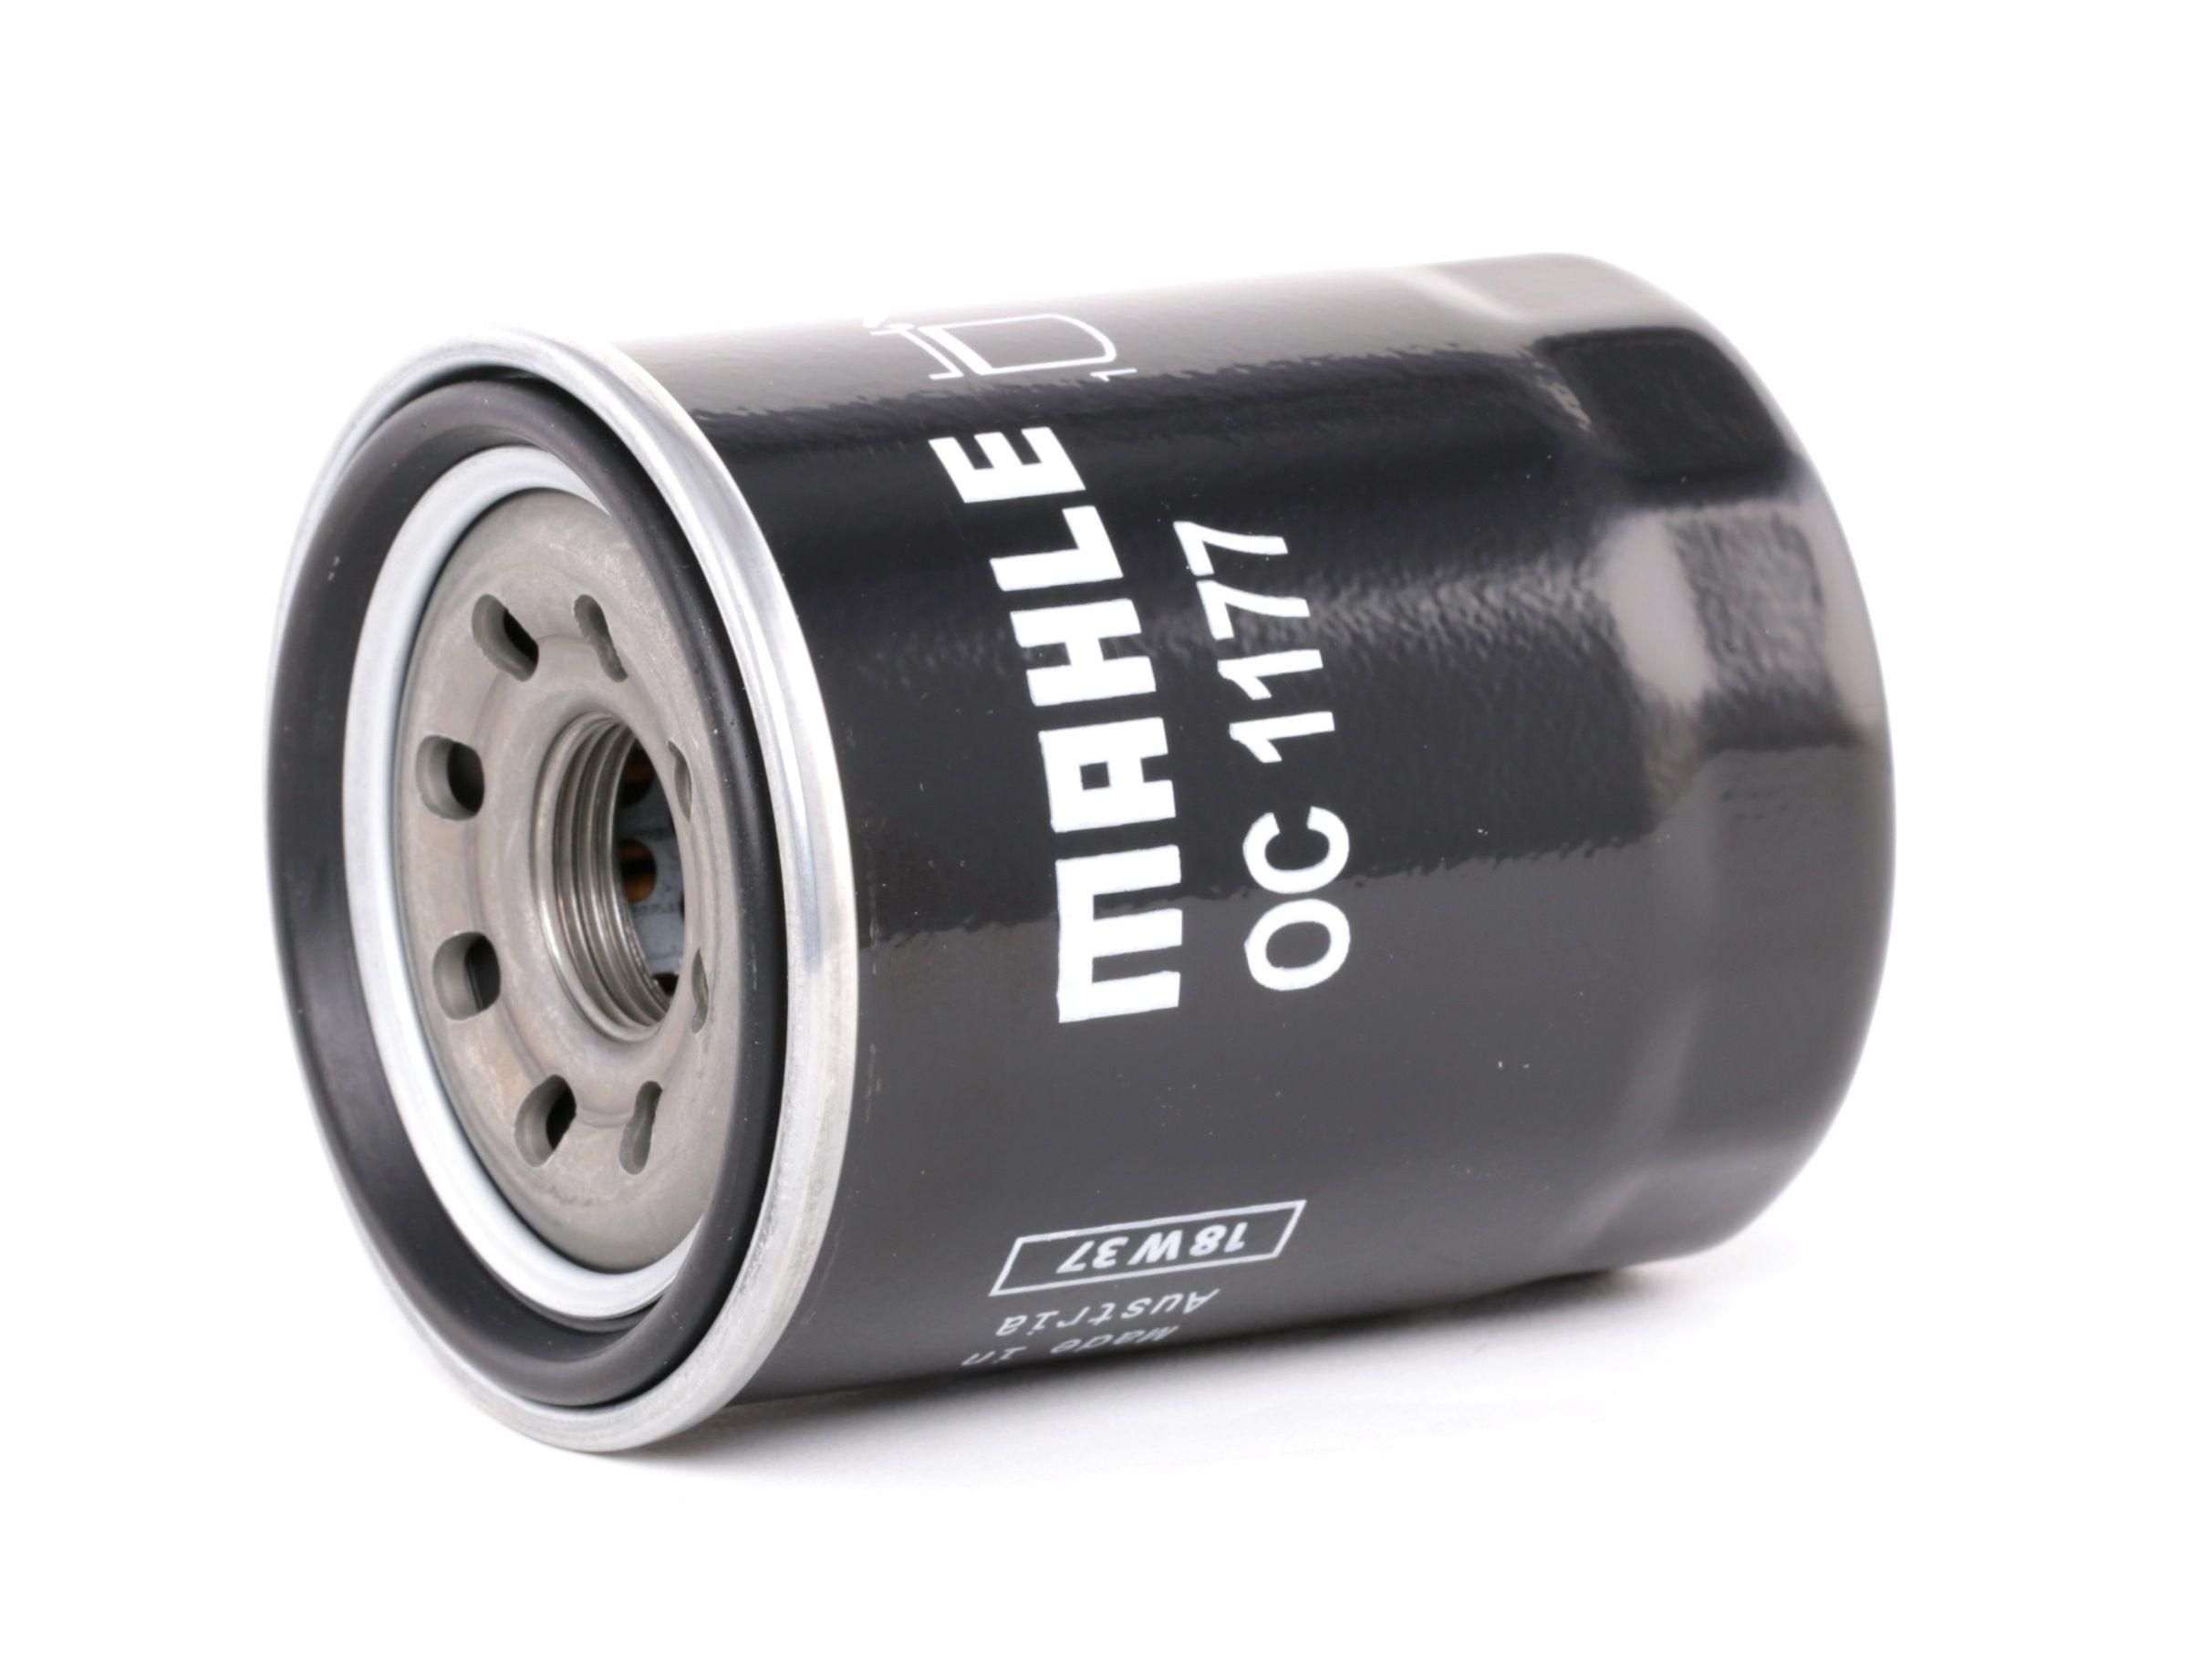 70596667 MAHLE ORIGINAL Anschraubfilter Innendurchmesser 2: 52mm, Innendurchmesser 2: 52mm, Ø: 65,5mm, Außendurchmesser 2: 63mm, Ø: 65,5mm, Höhe: 86mm Ölfilter OC 1177 günstig kaufen